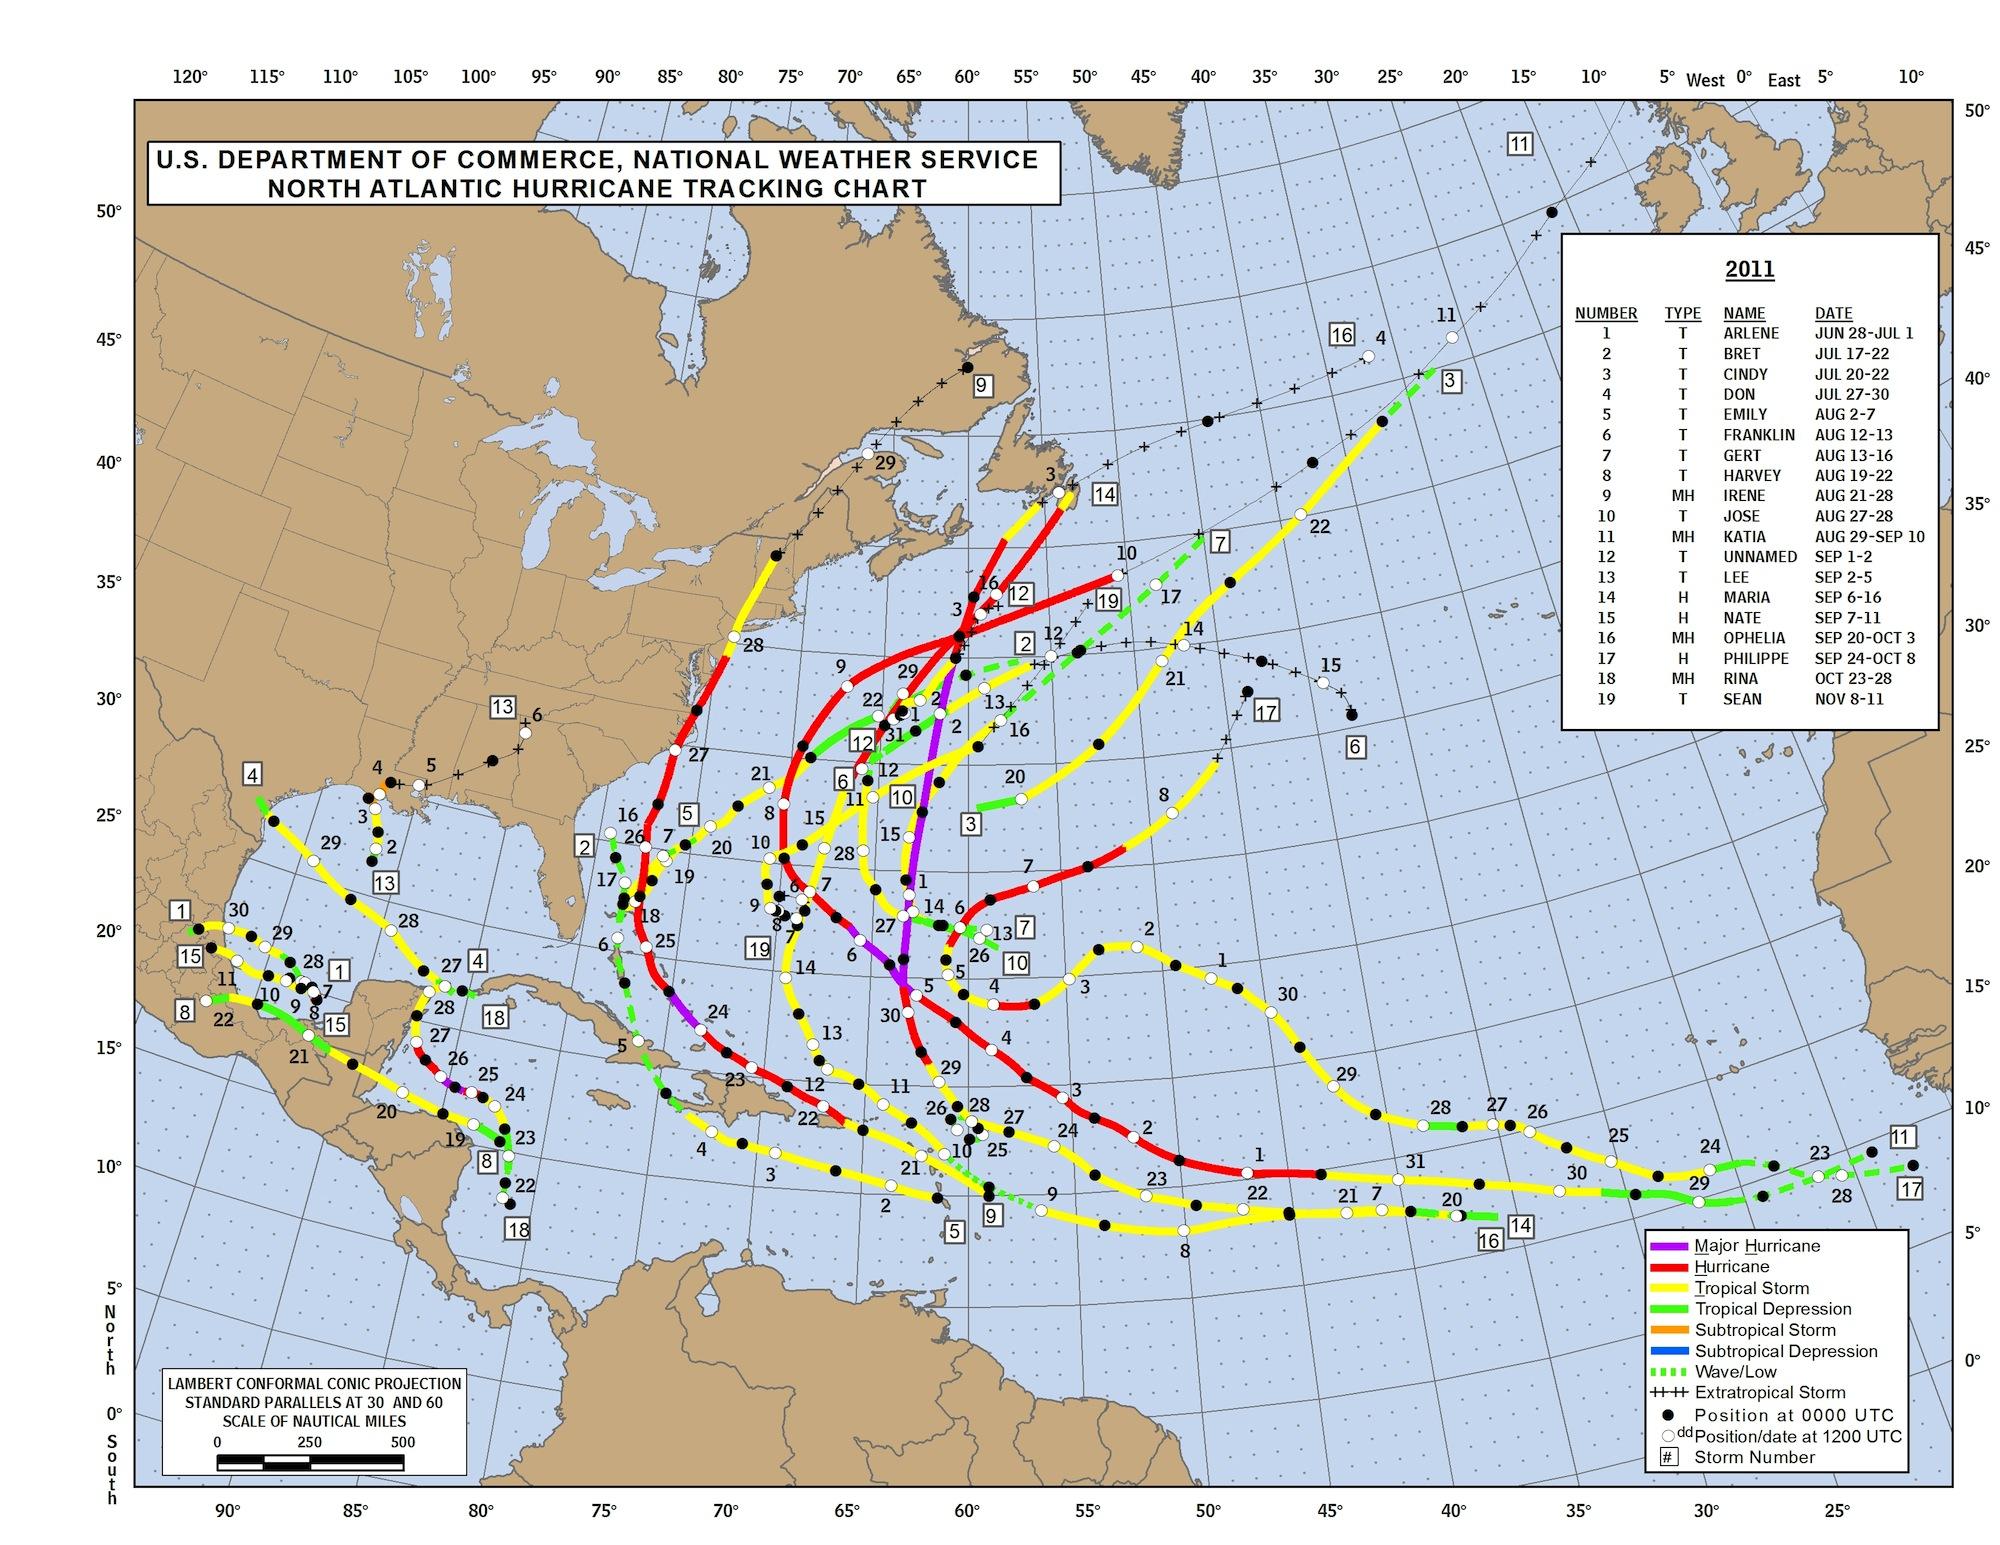 Trayectoria de los huracanes de 2011. Fuente: National Weather Service.